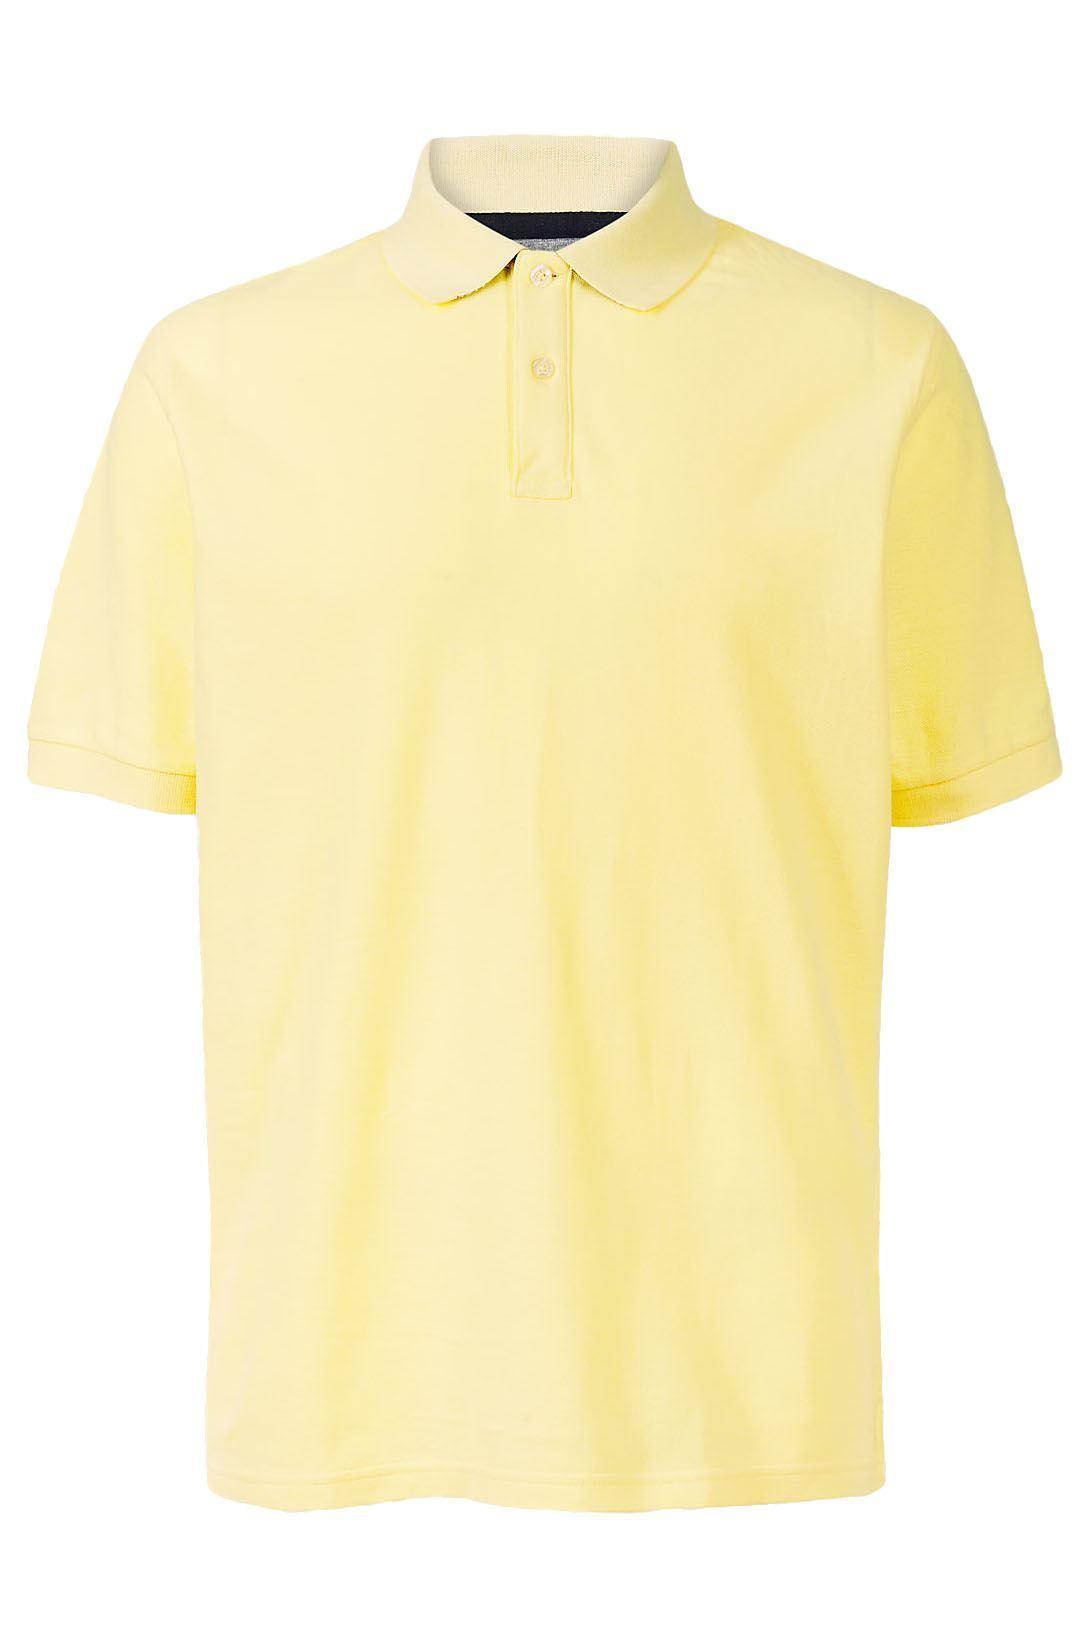 Marks-amp-Spencer-Camisa-Polo-Para-Hombre-Algodon-Clasico-M-amp-S-todos-los-colores-y-tamanos-de miniatura 28